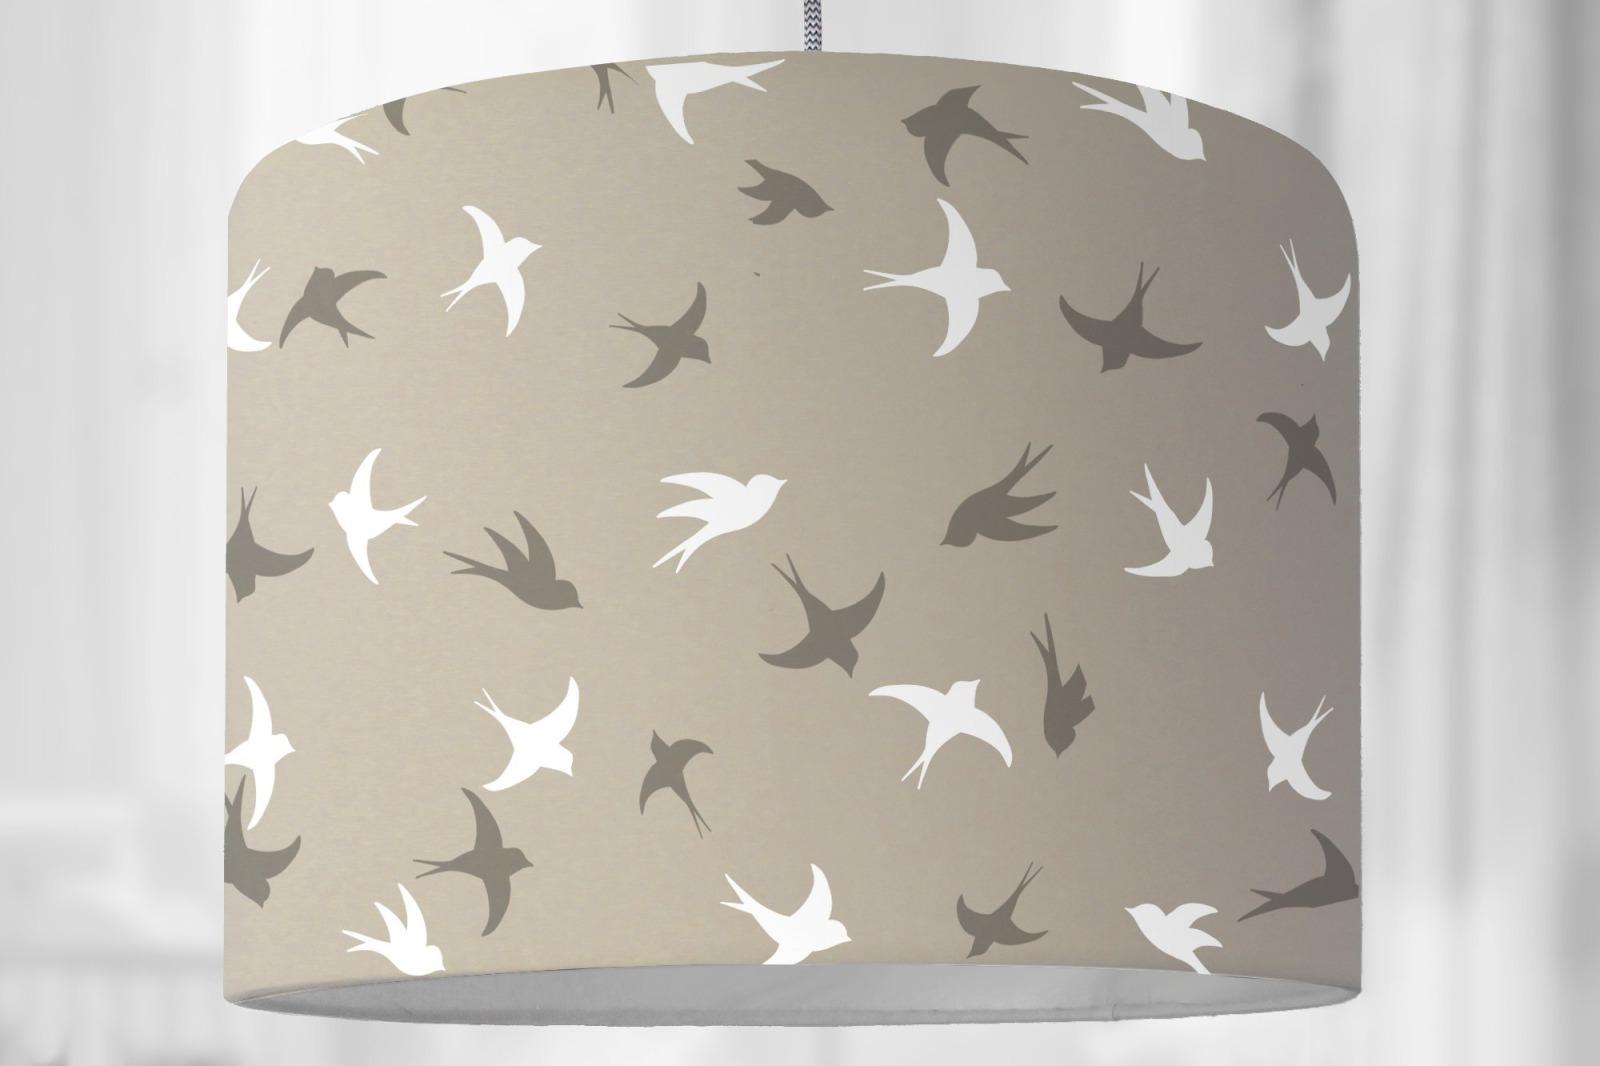 Kinderzimmer Beige lampenschirm kinderzimmer vögel vogellampe vogelmuster grafisches